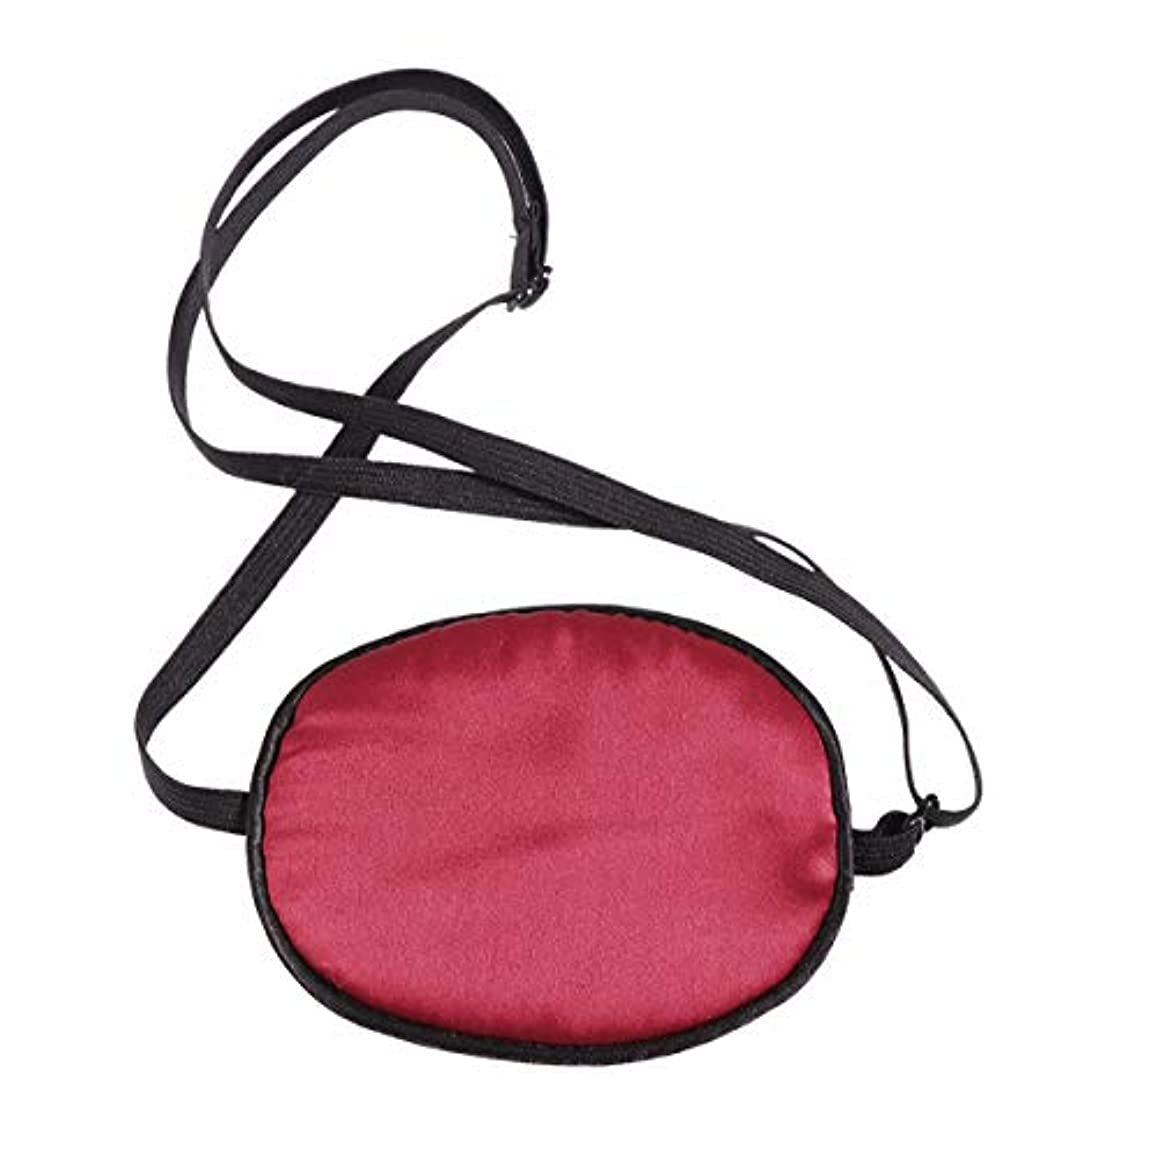 民兵巻き取り剃るHEALIFTY 睡眠の目隠し調節可能な絹の海賊目のパッチ子供の弱視のためのソフトで快適な単一の目のマスク正面の怠惰な目